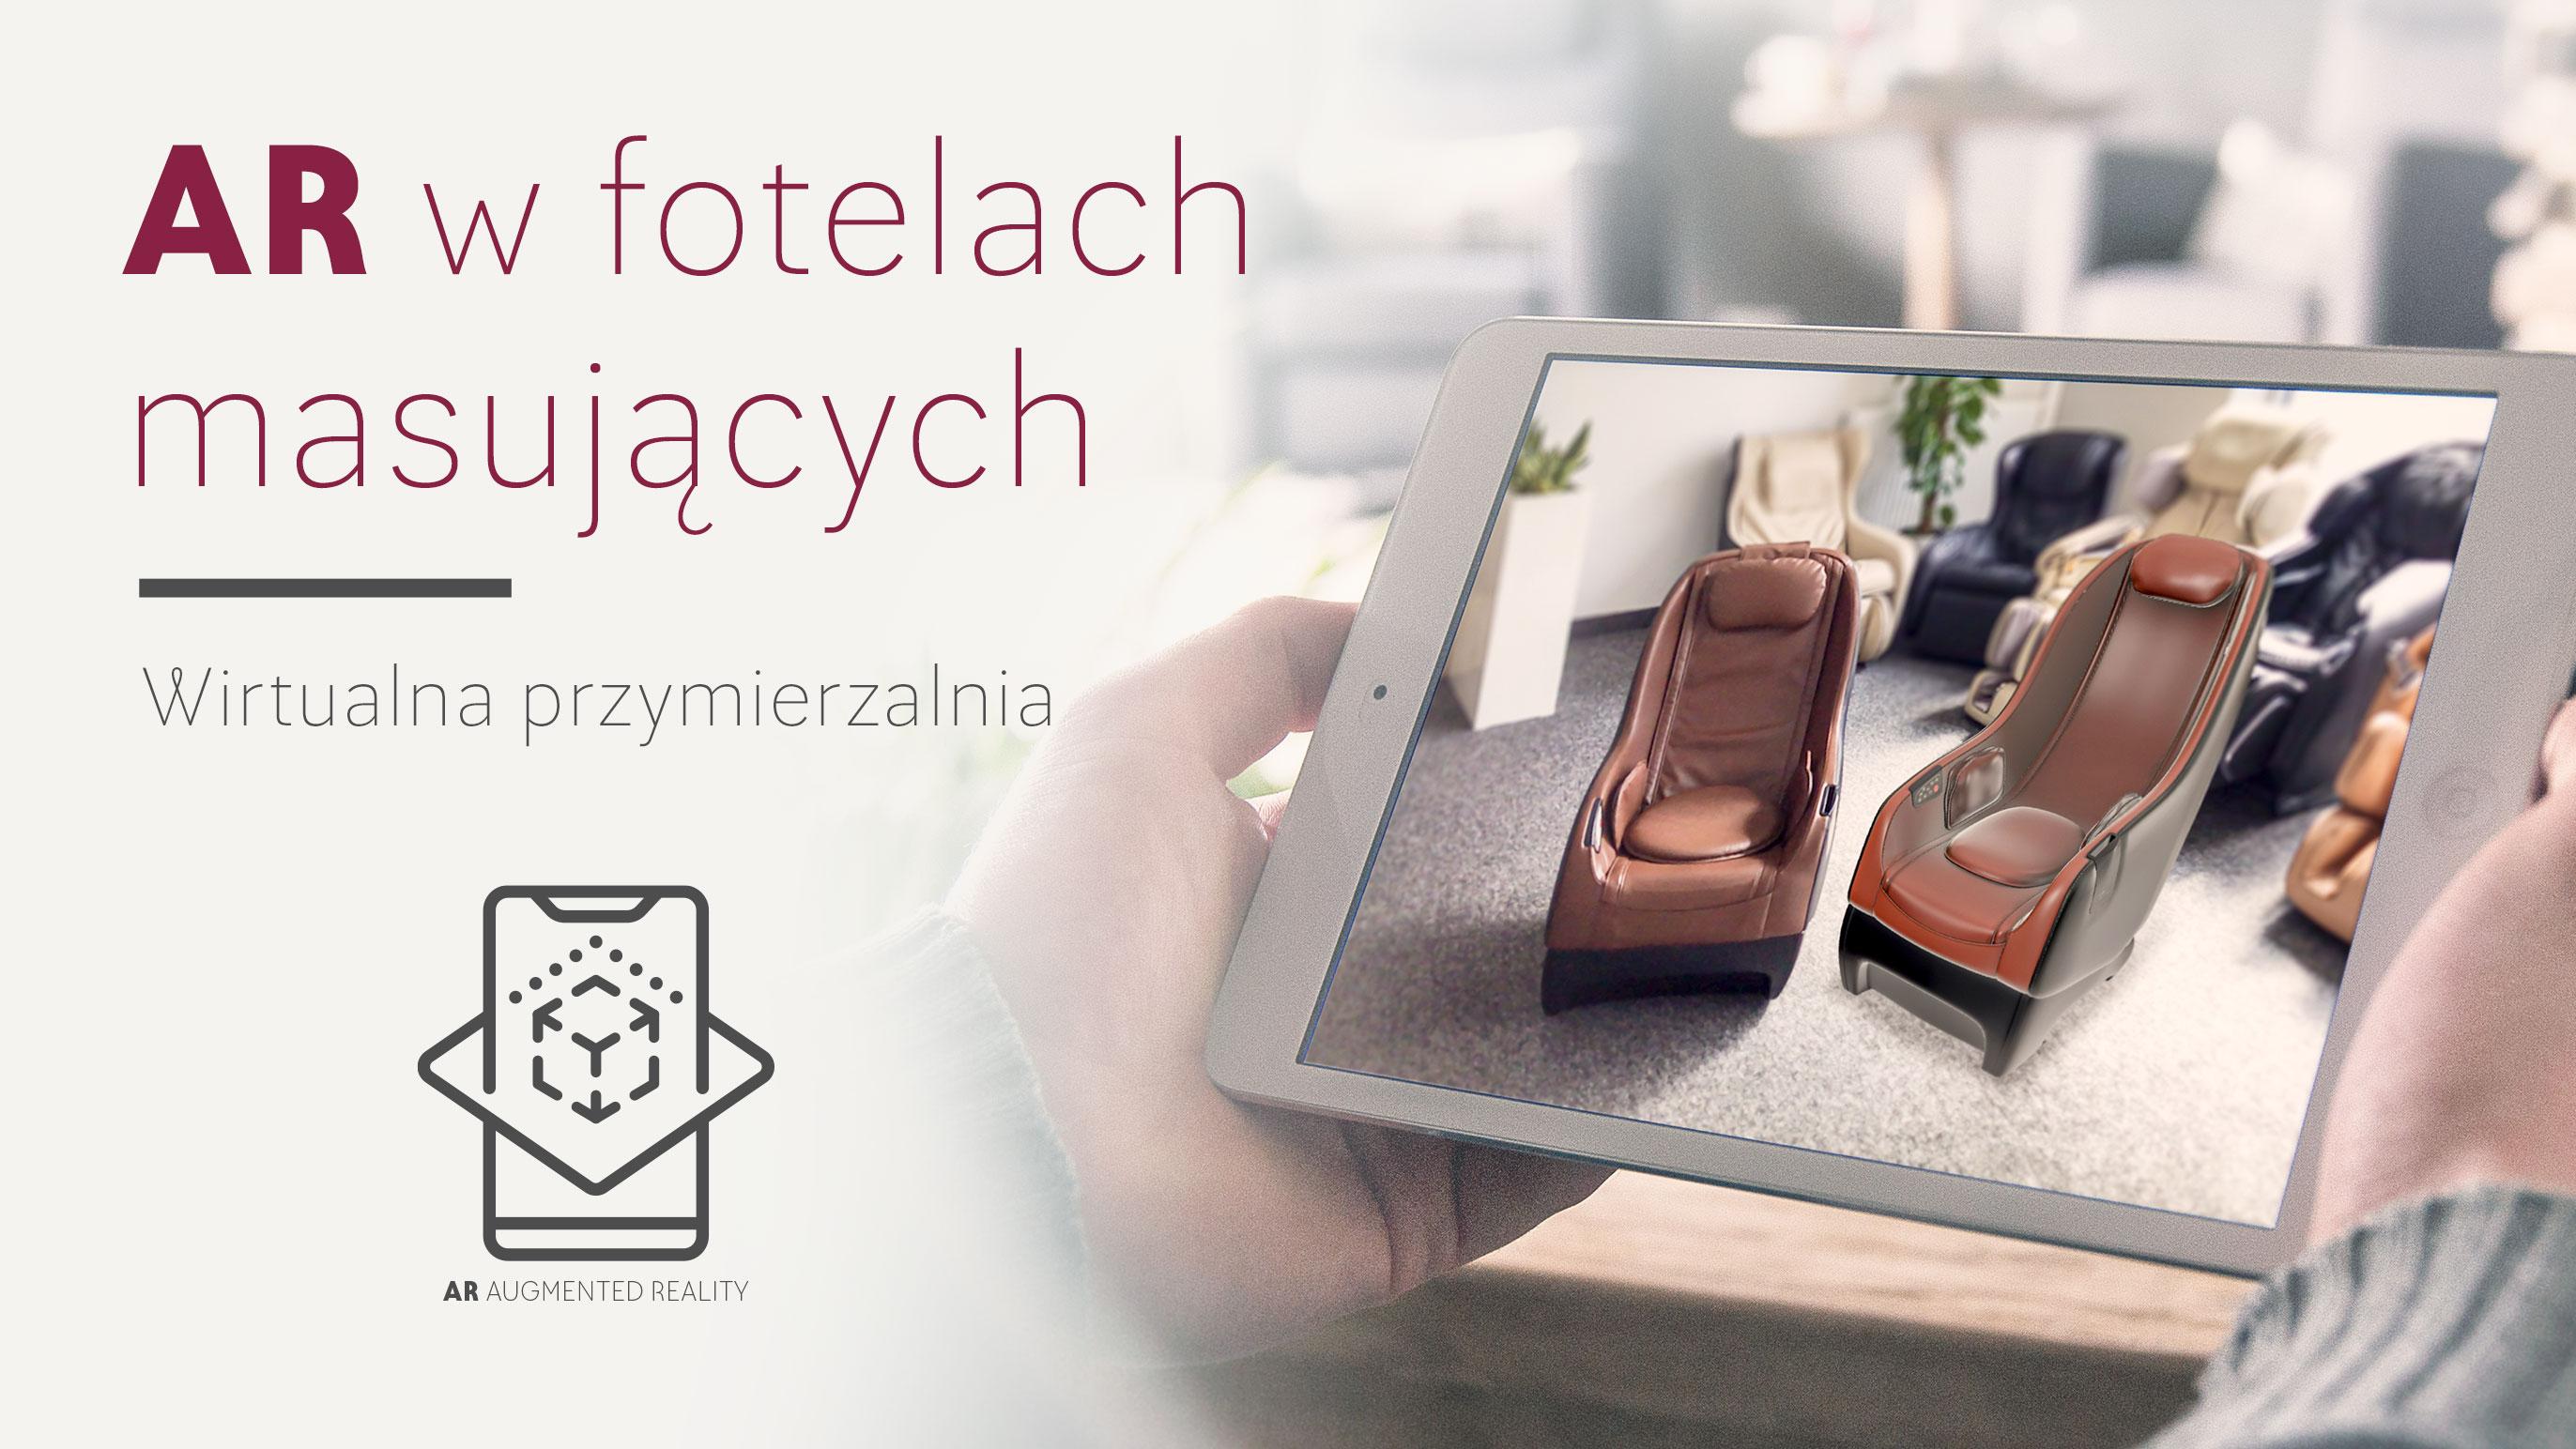 AR - rozszerzona rzeczywistość, wirtualna przymierzalnia w fotelach masujących - Rest Lords